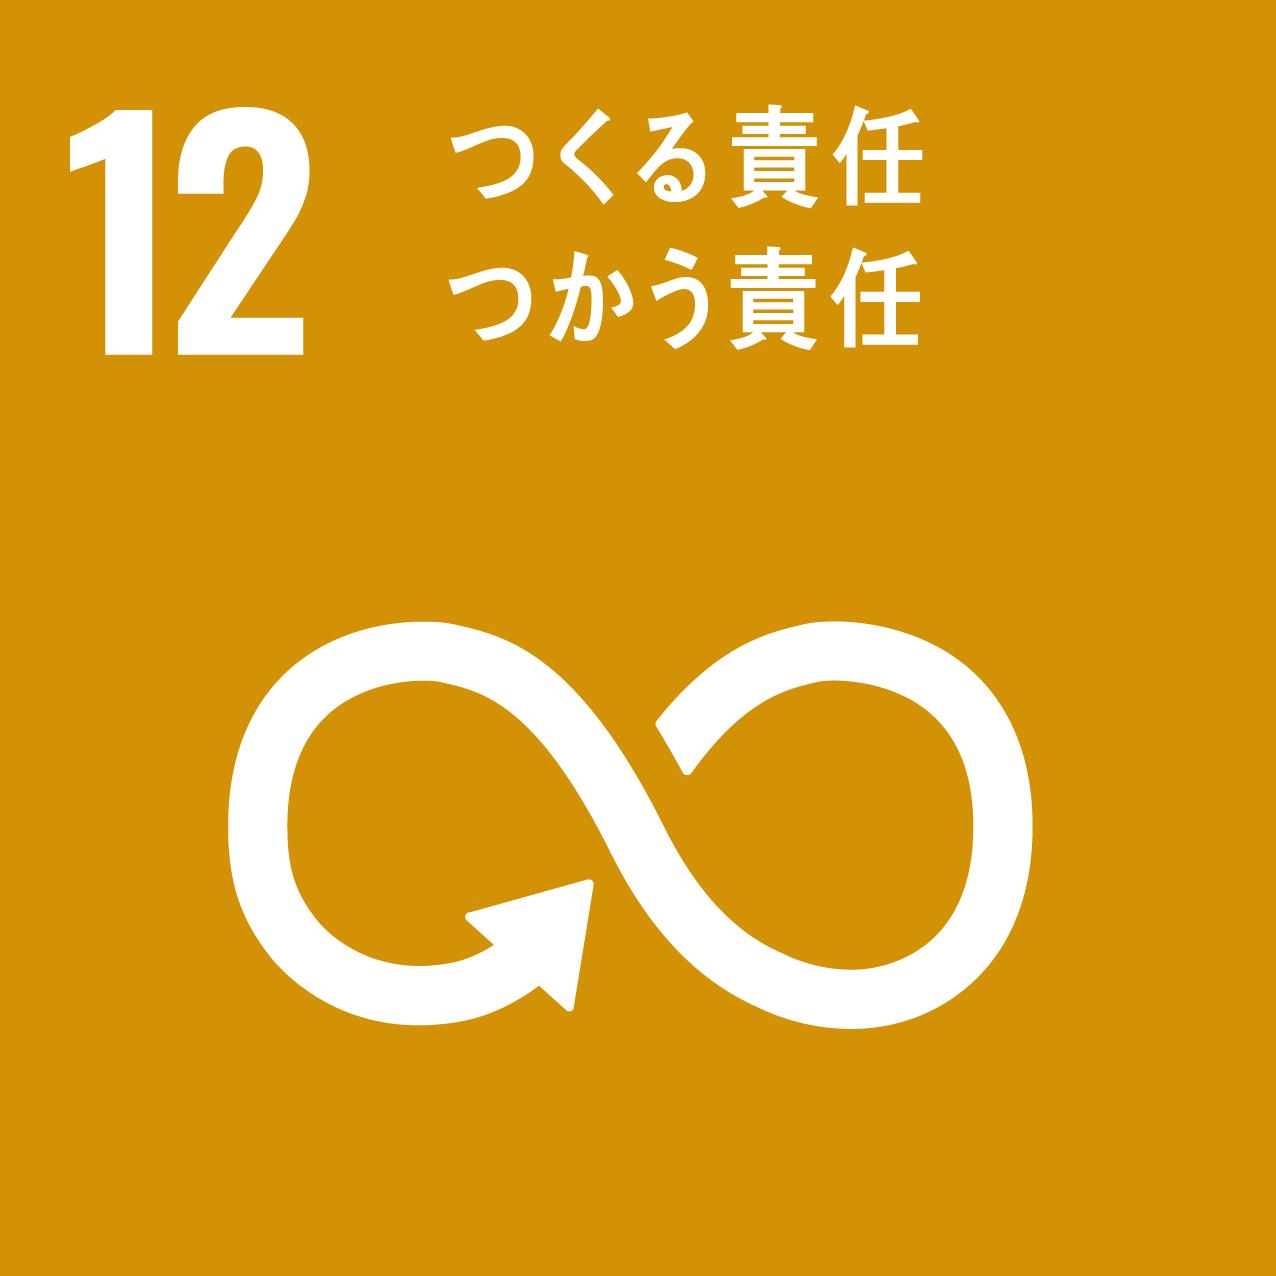 12: つくる責任つかう責任